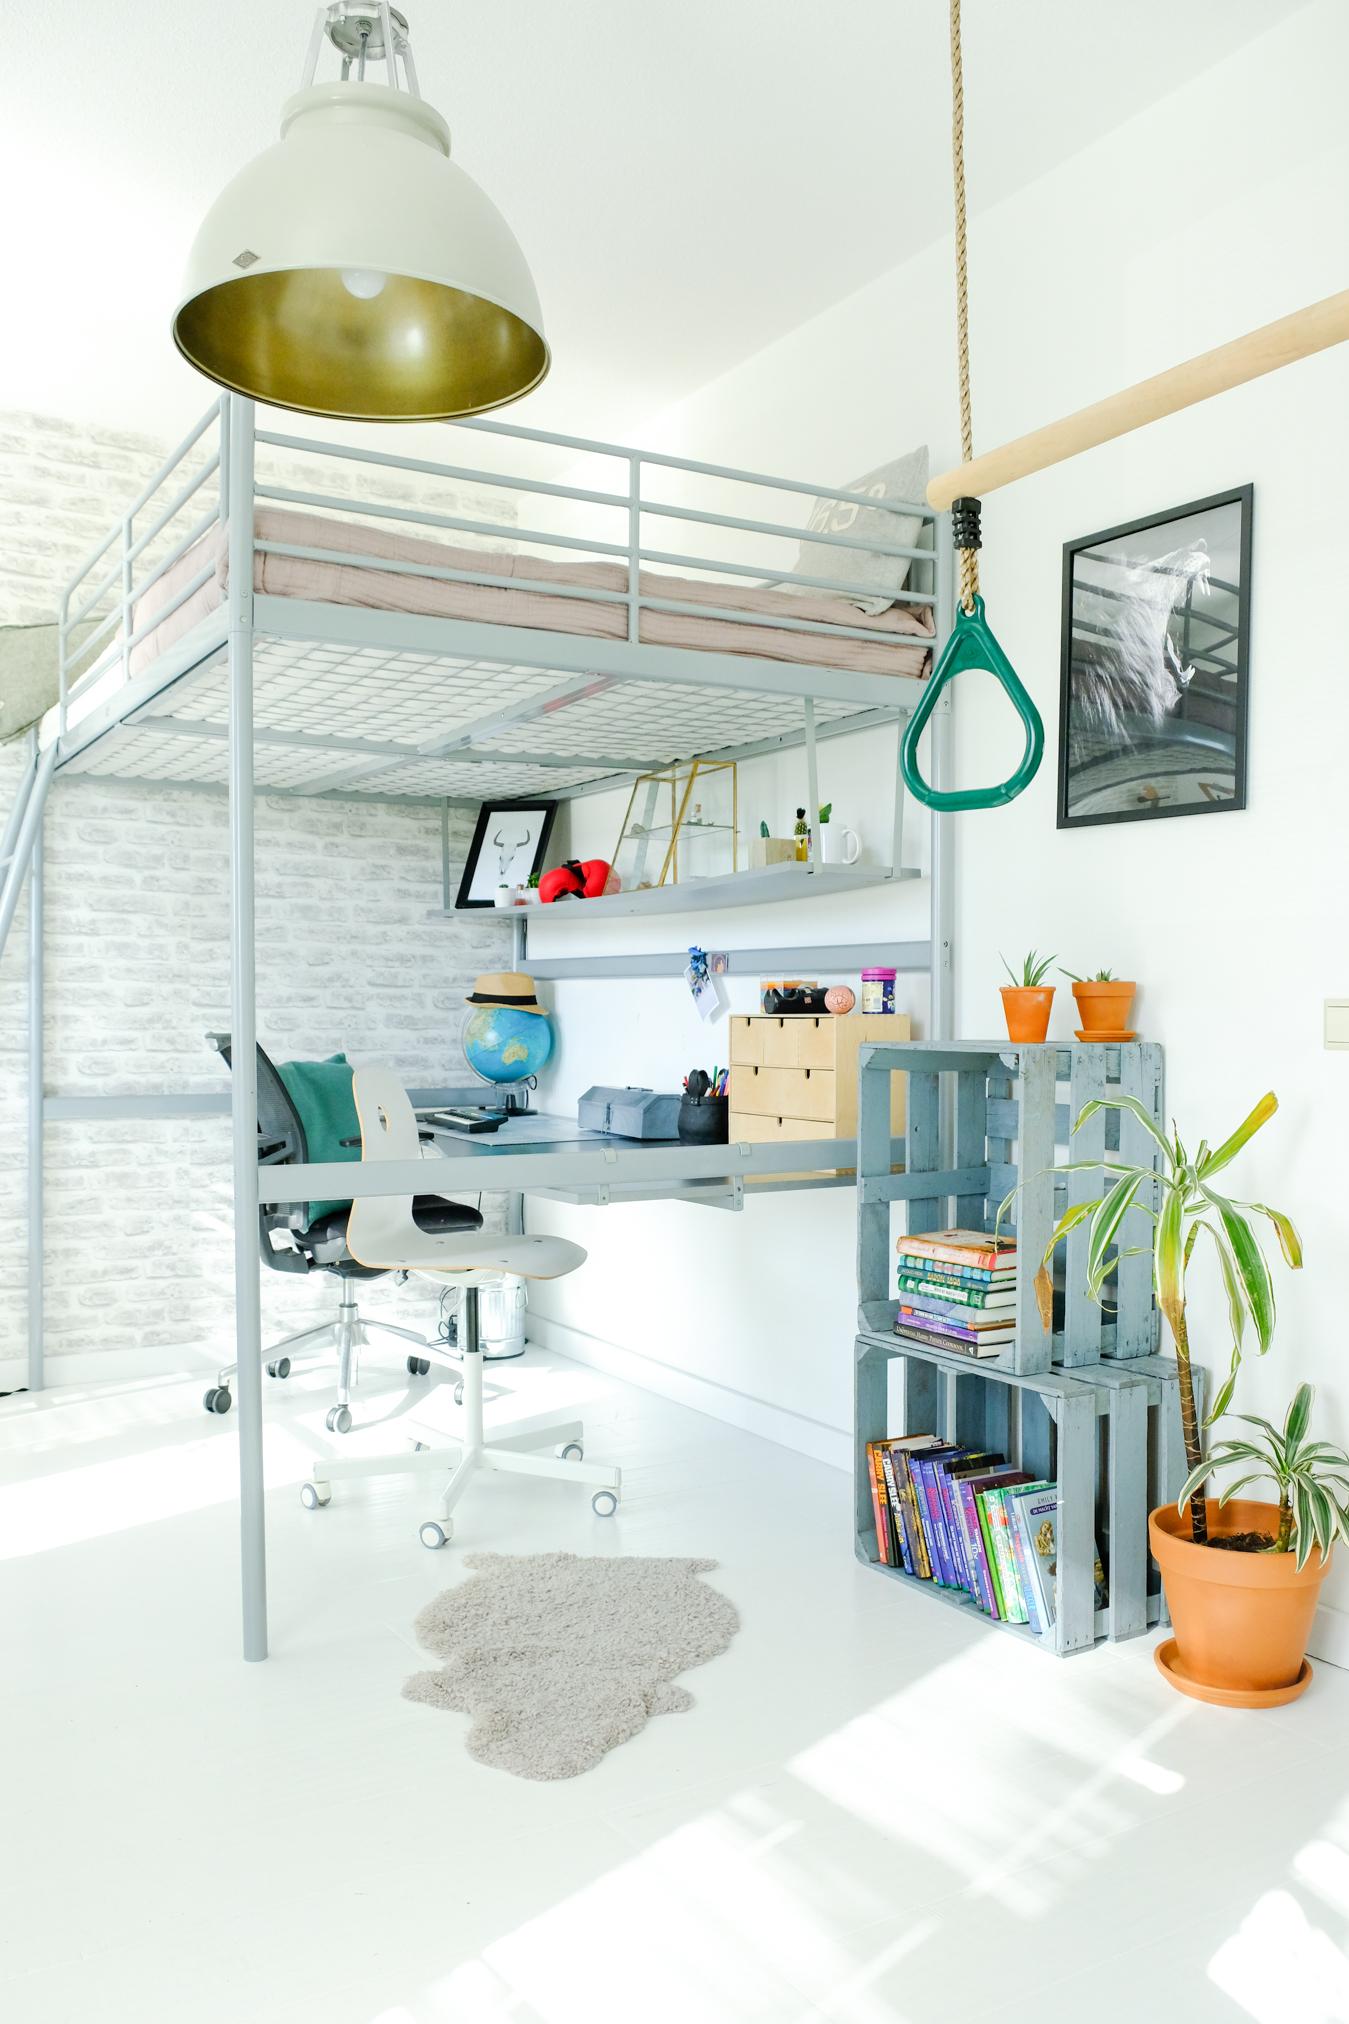 Bed: IKEA via Marktplaats | trapeze: Bol.com | vitrinekastje: Sissy-Boy | behang: Karwei